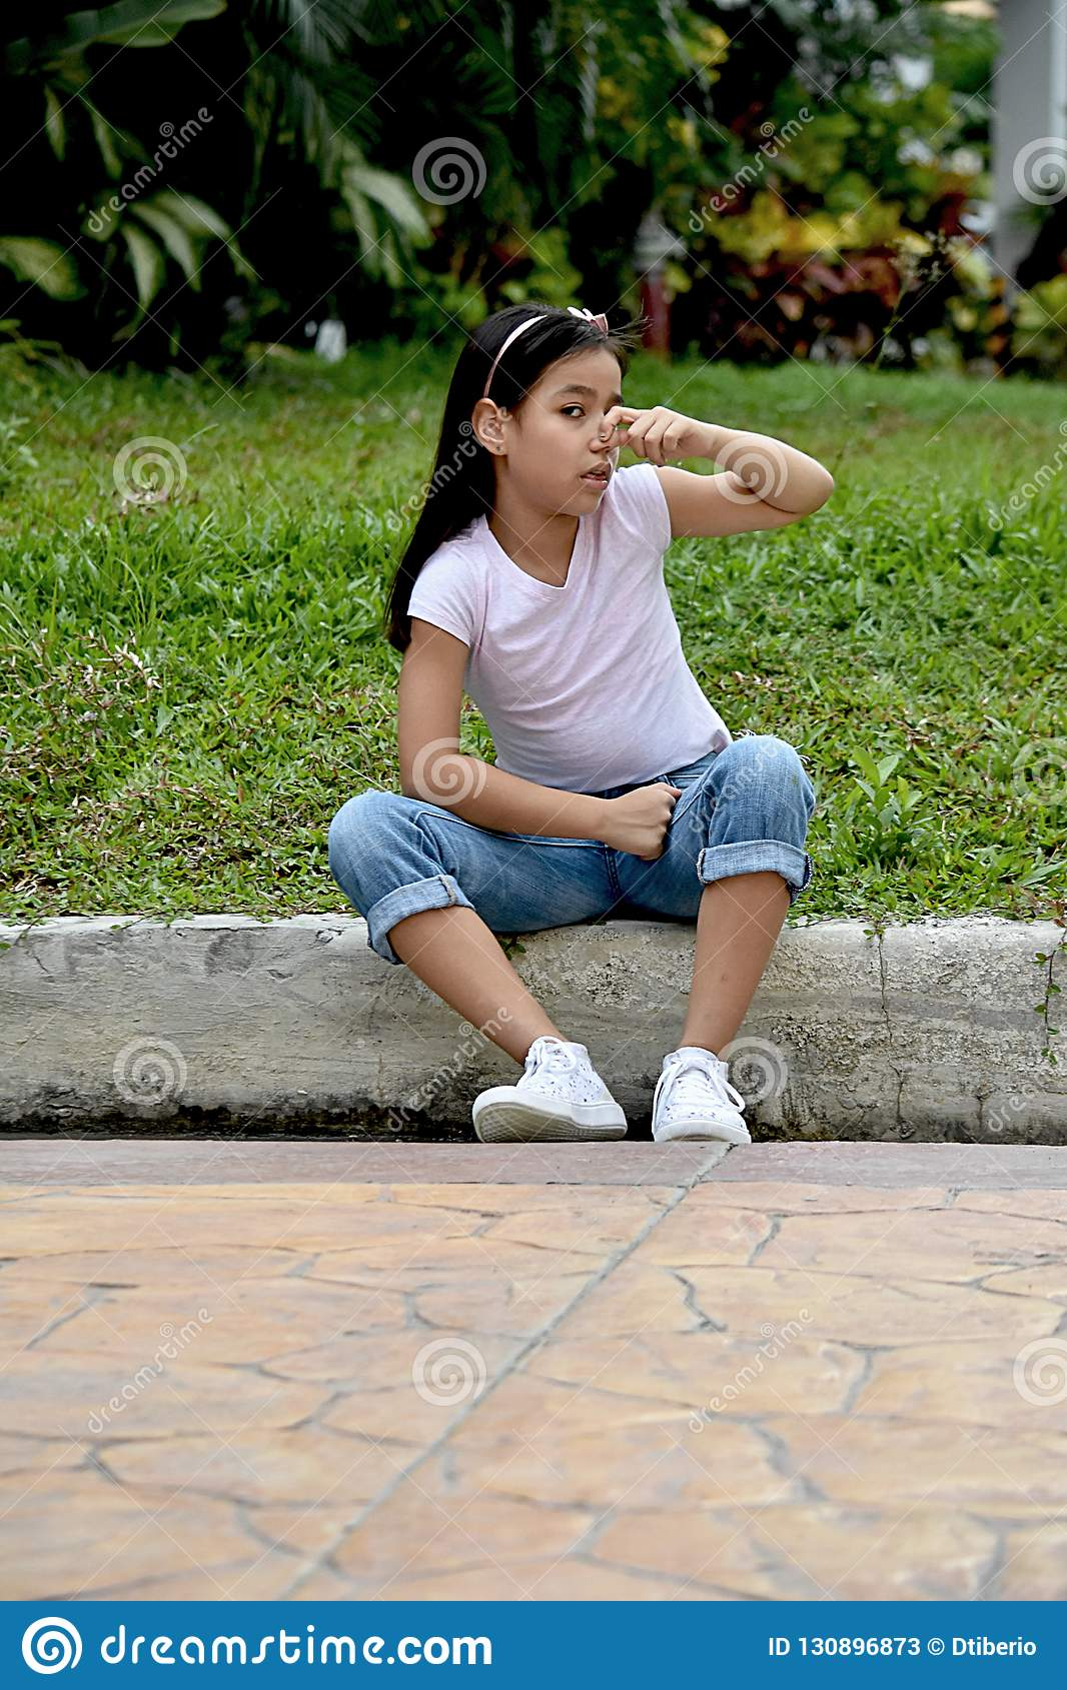 Filipina Girl And Odor bonito